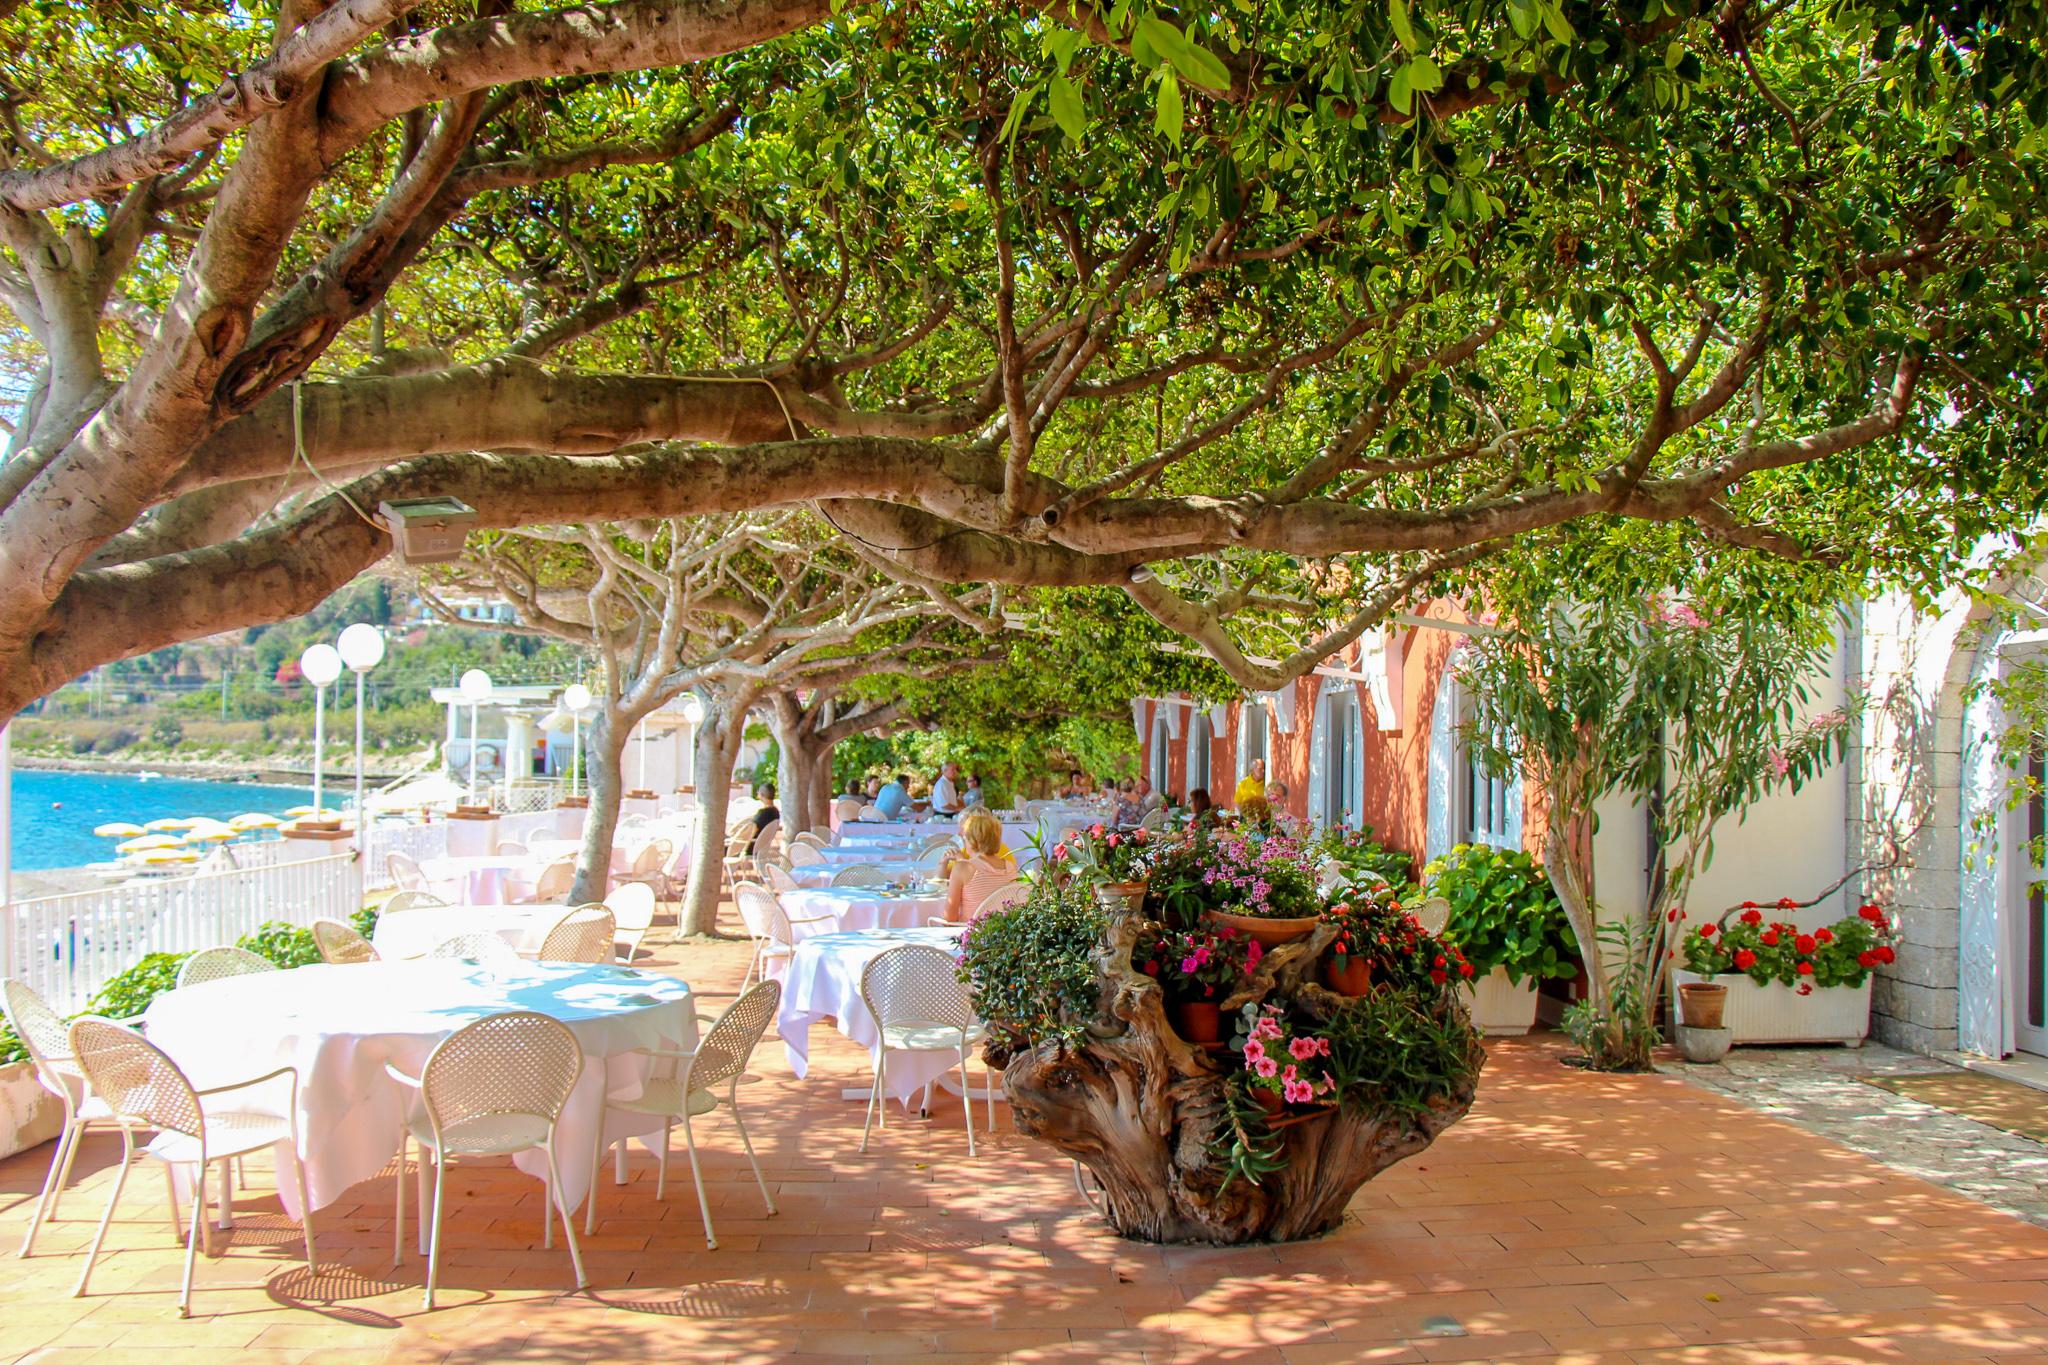 Hotel Lido Mediterranee Taormina Sicily